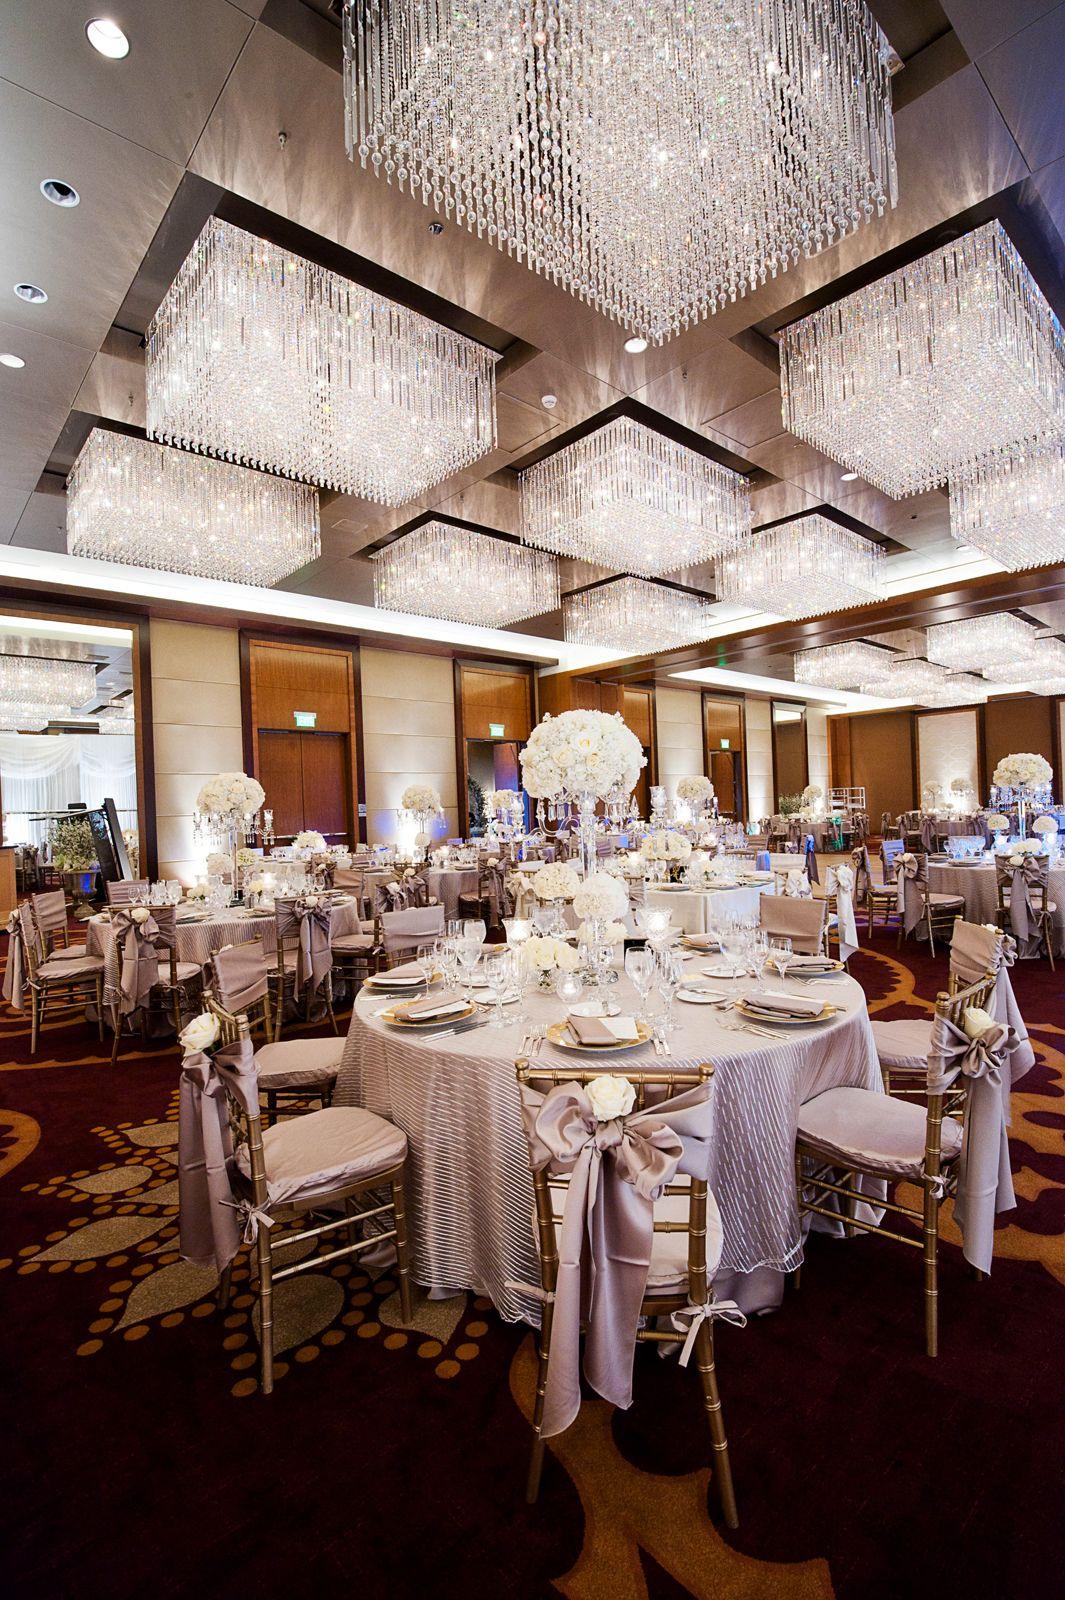 Gorgeous Decor For An Elegant White Downtown Denver Wedding At Four Seasons Hotel